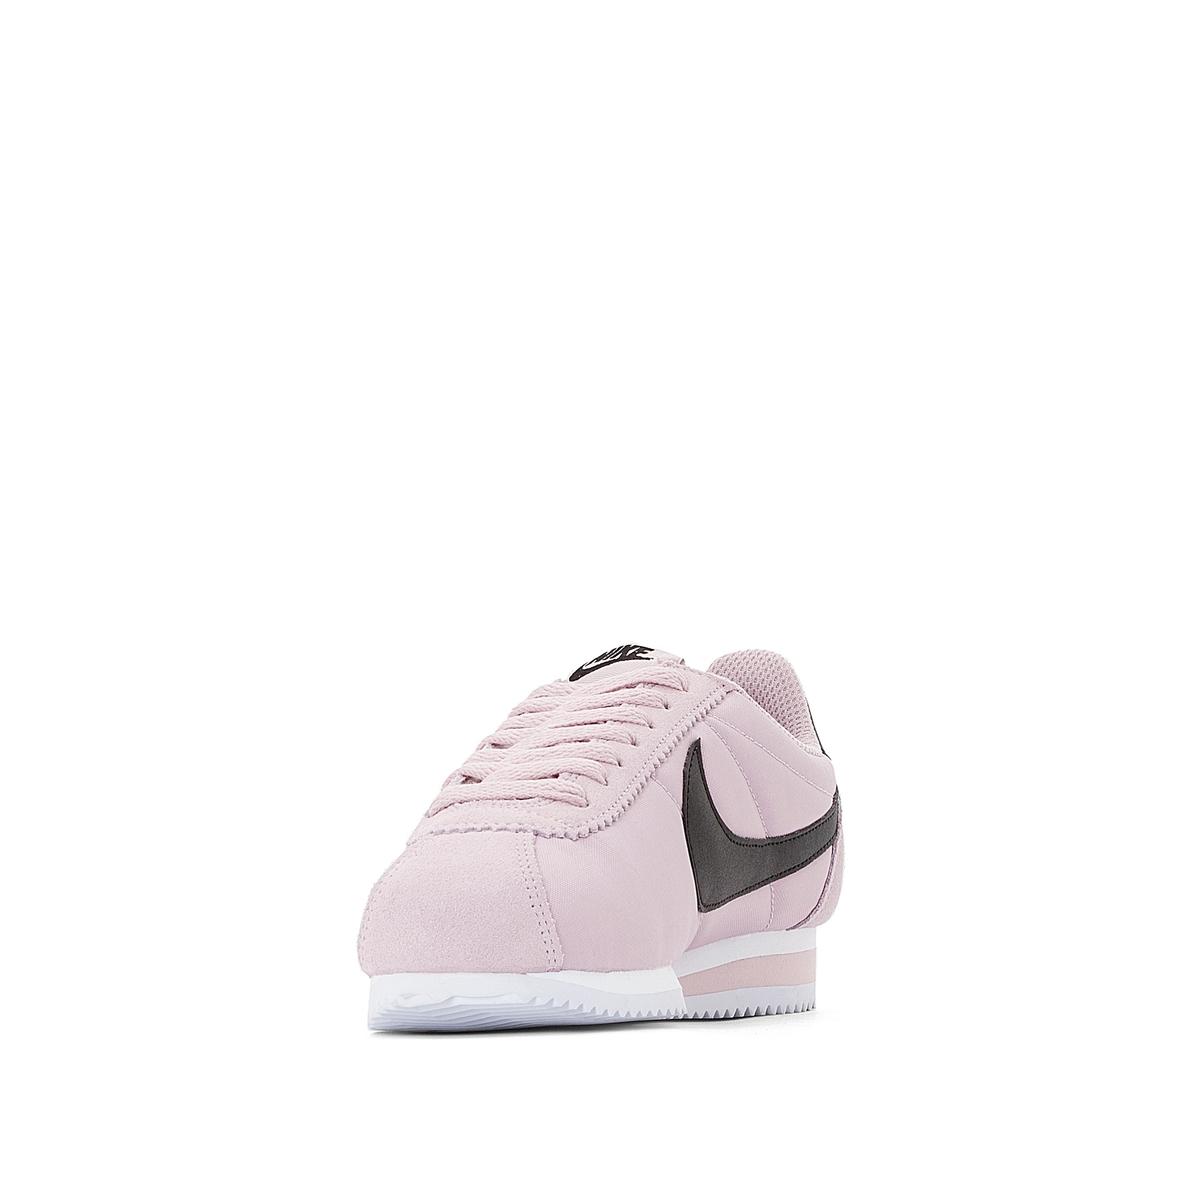 Imagen secundaria de producto de Zapatillas Classic Cortez - Nike